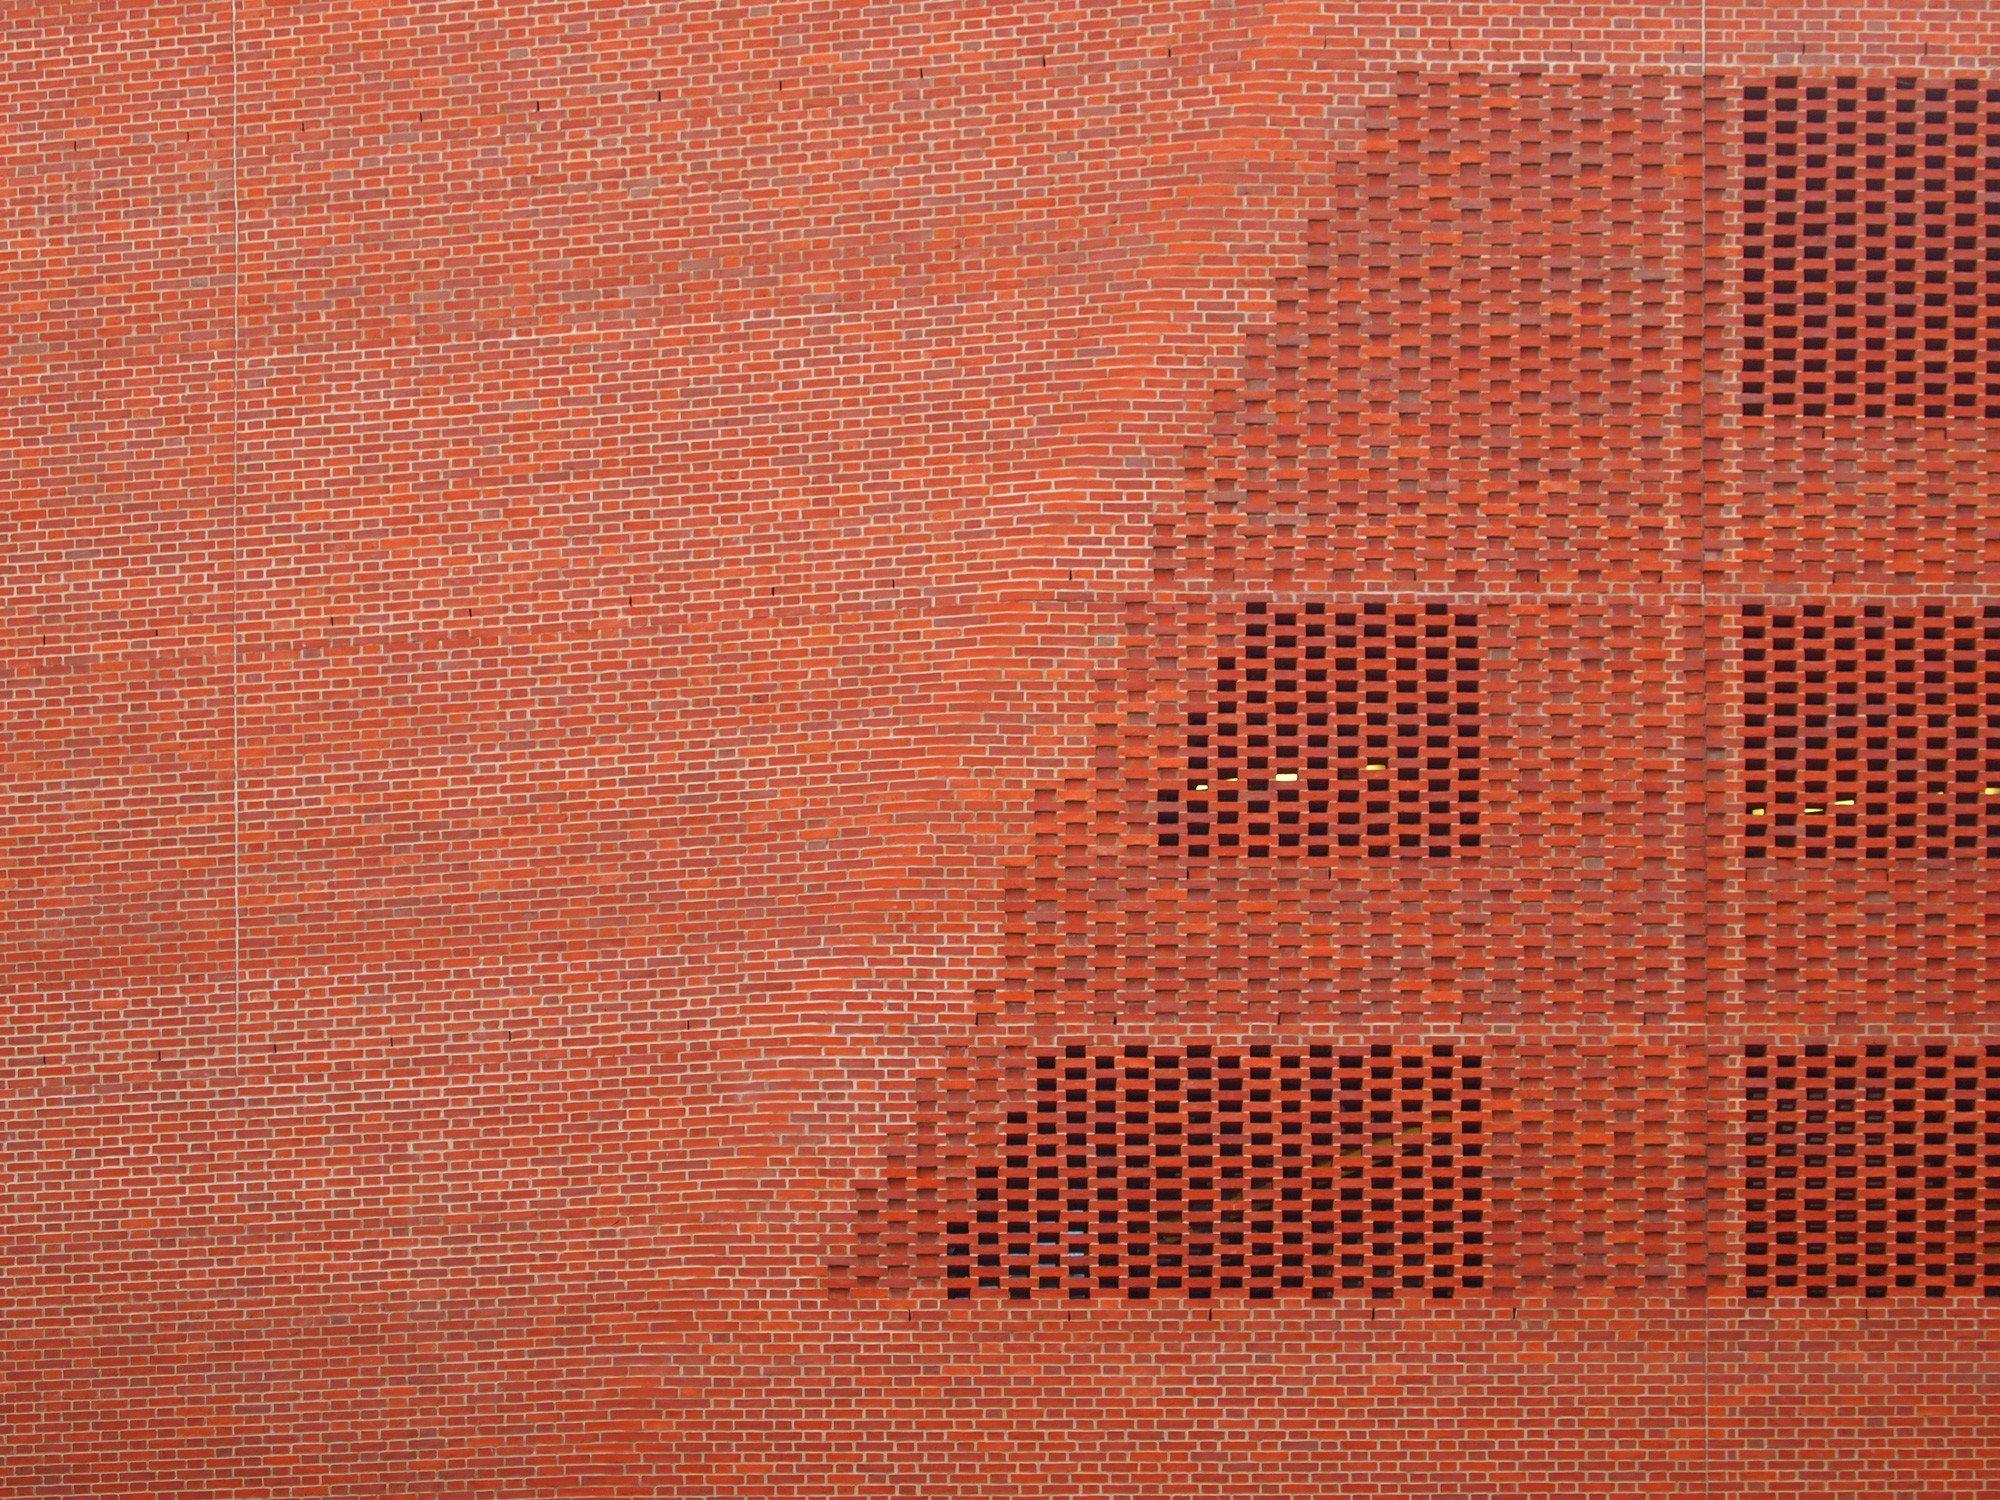 Tragsystem Und Grundrissgestaltung Mauerwerk